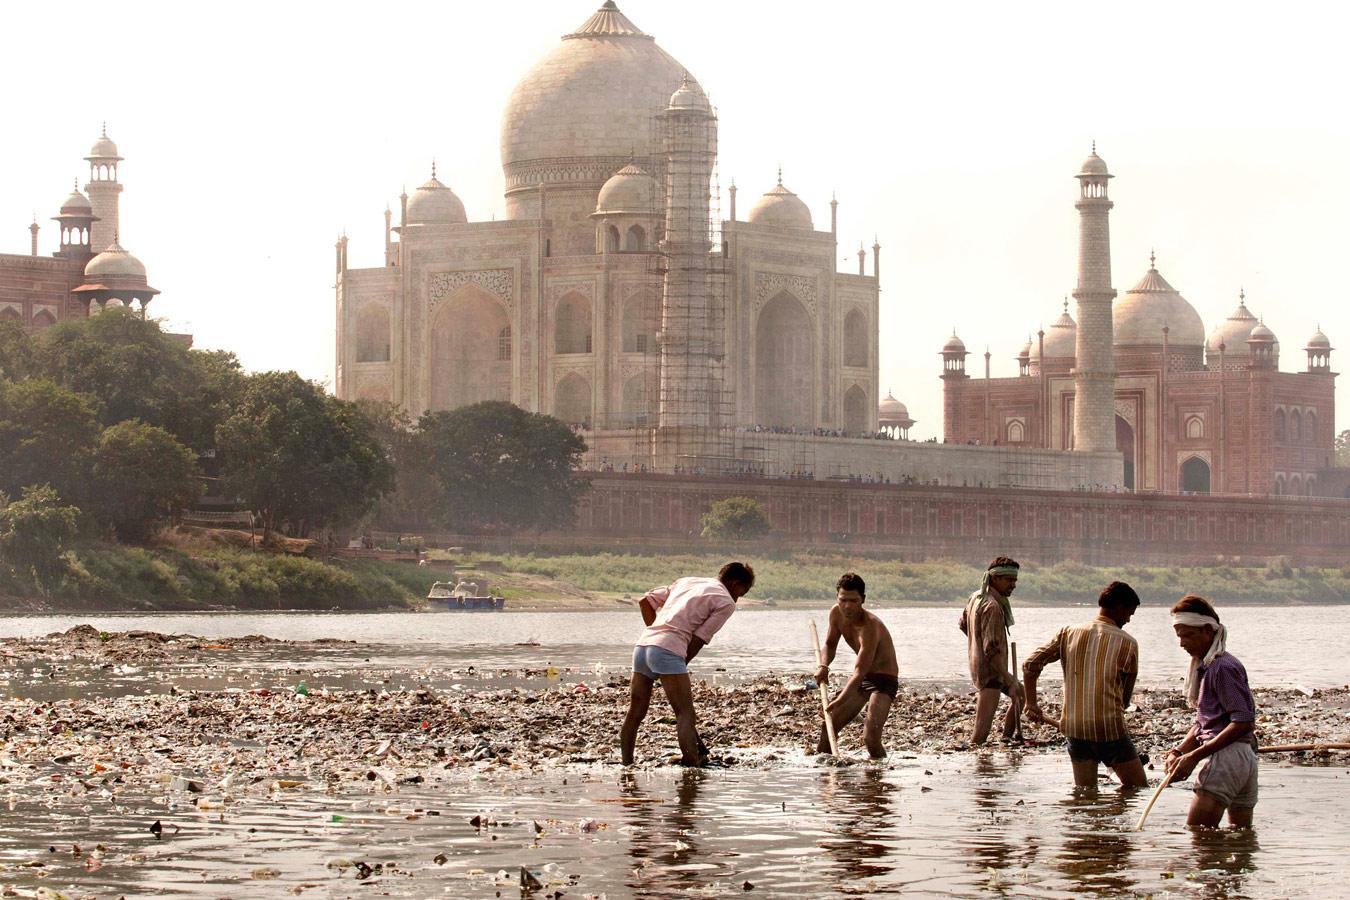 © Сурав Кармакар, Фотоконкурс «Гендерная и водная целостность»